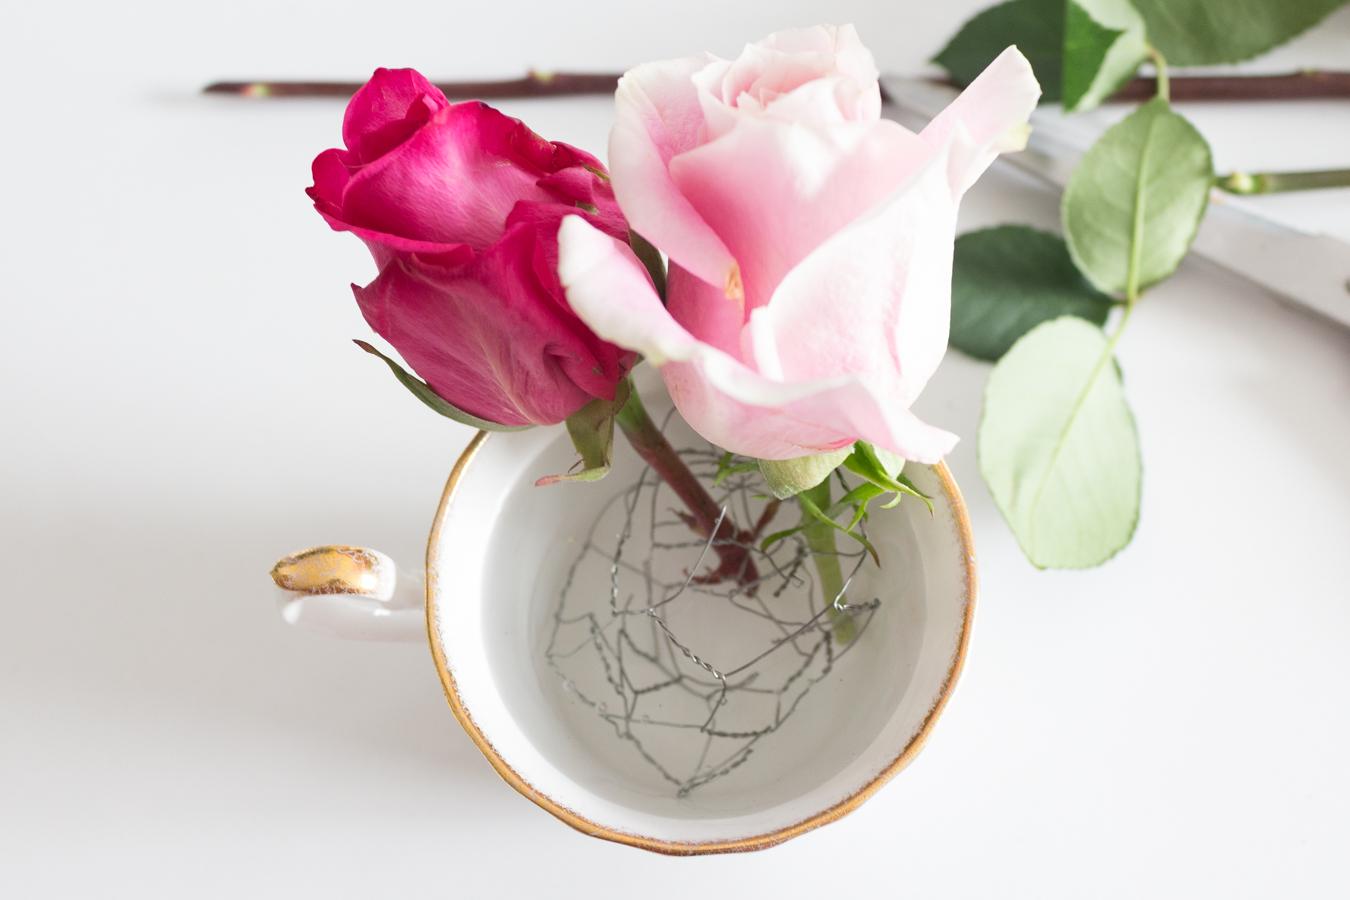 teacupflowerarrangementcraftberrybush-17